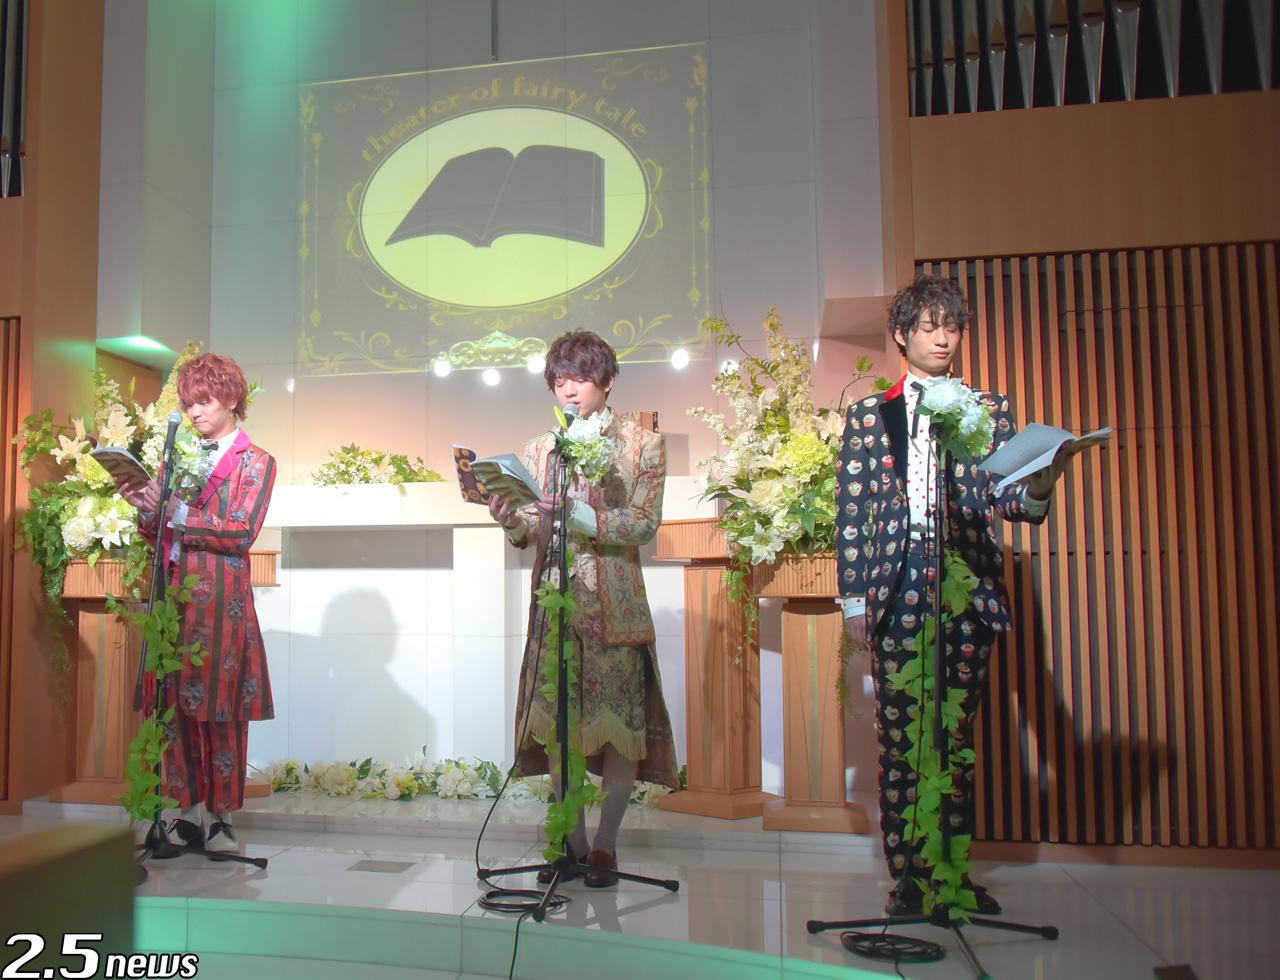 朗読劇『theater of fairy tale』 in ホワイトチャペル